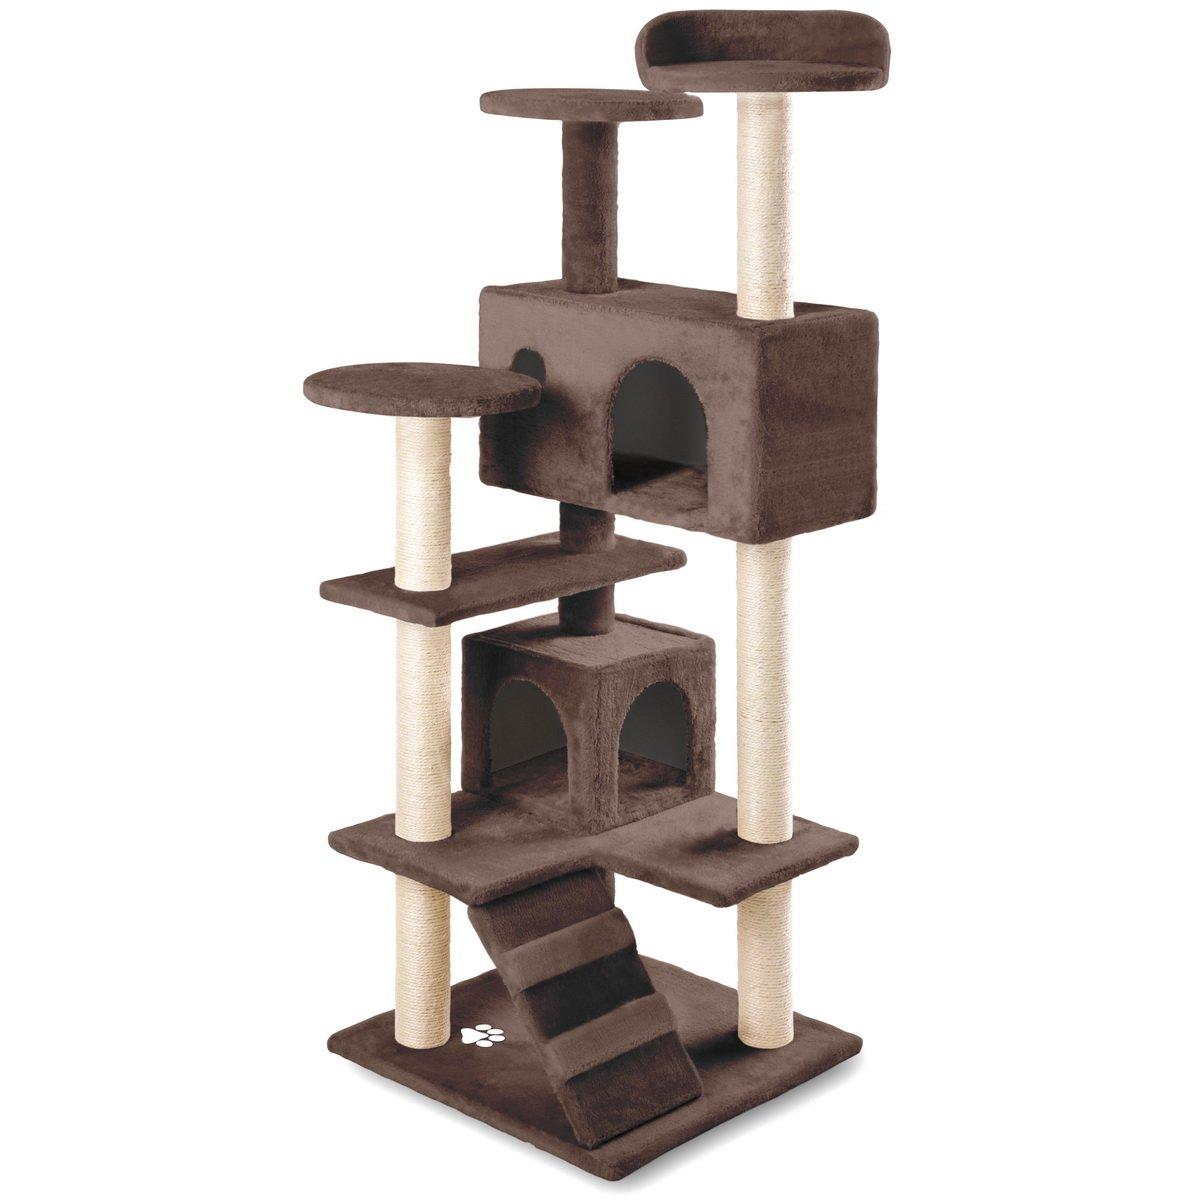 RASCAT- Rascador Gato centro de juegos y descanso Árbol Gatos de 130cm de Altura color Negro con postes rascadores Sisal Natural